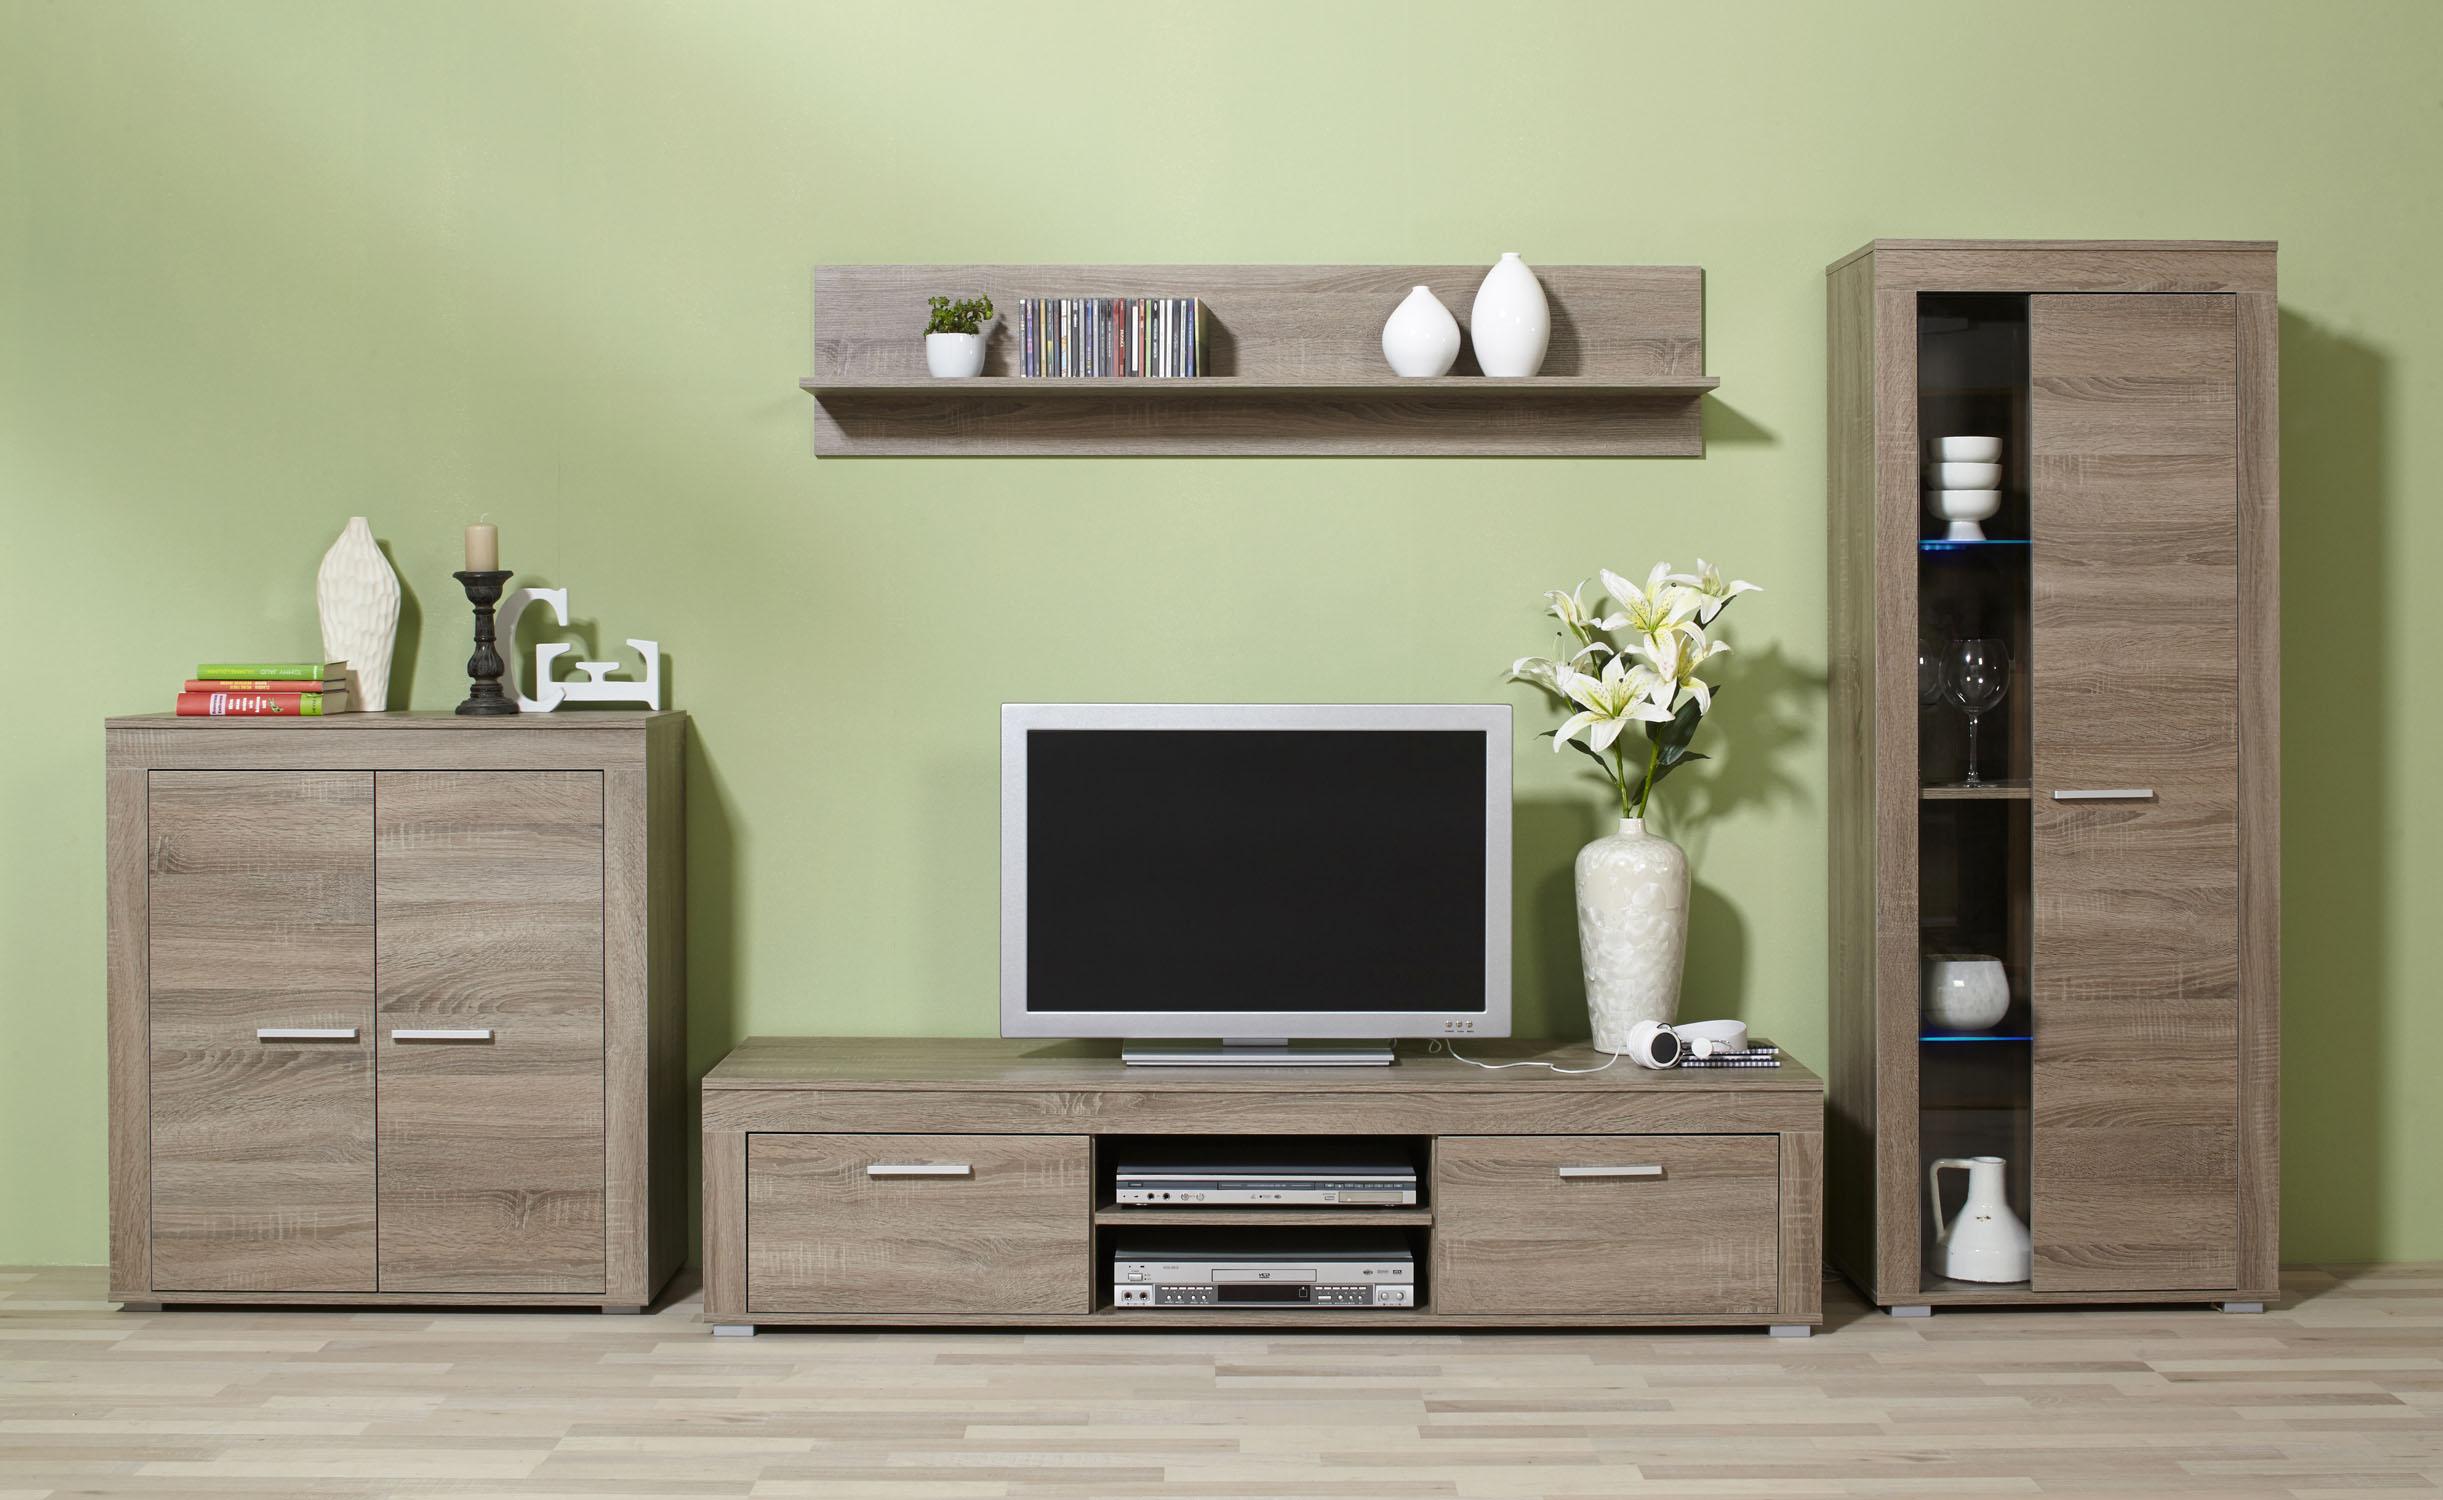 4tlg wohnwand anbauwand wohnzimmerset kernbuche eiche. Black Bedroom Furniture Sets. Home Design Ideas